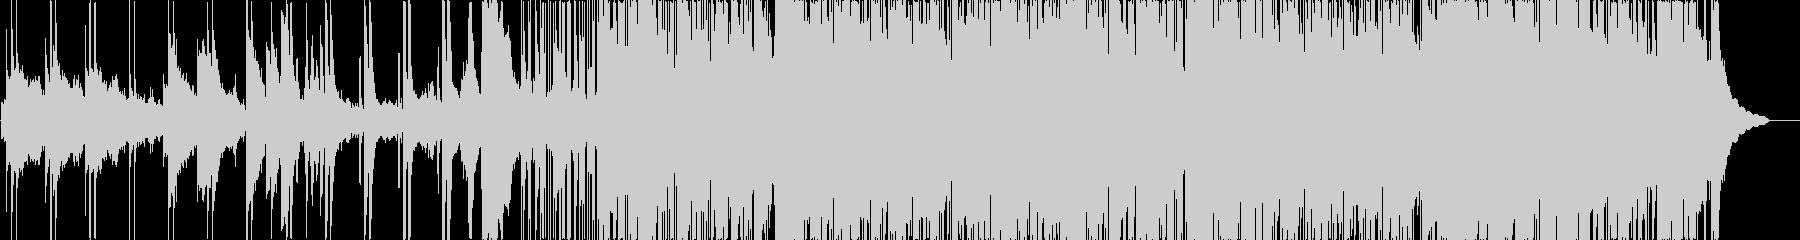 スパイもの用音楽の未再生の波形